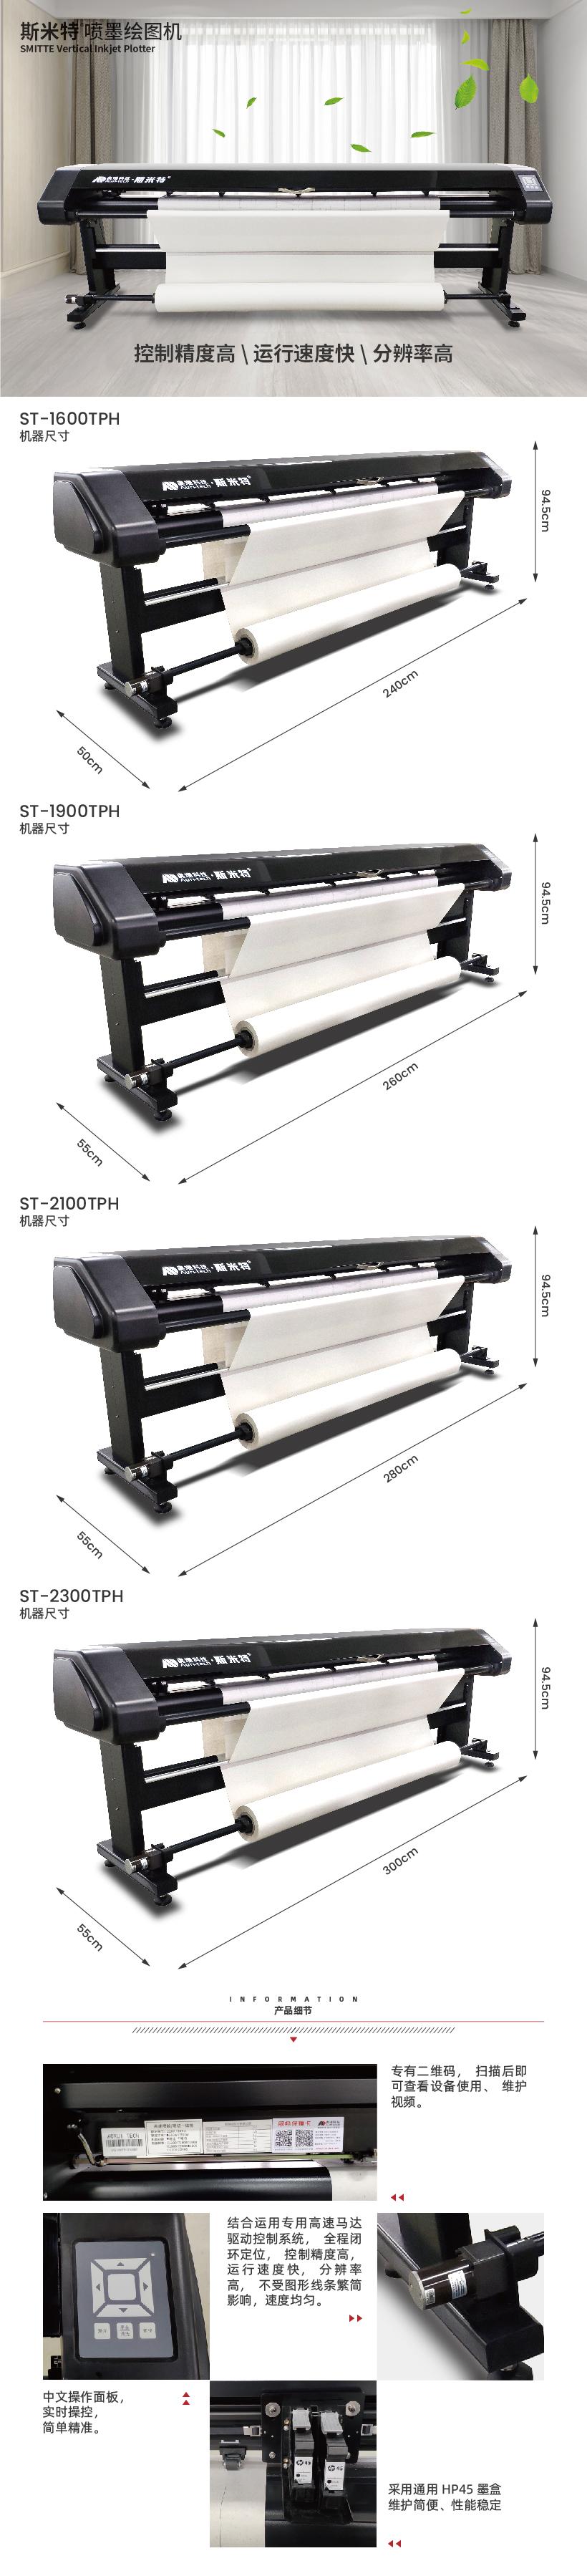 2020斯米特喷墨机详情页_画板 1.jpg